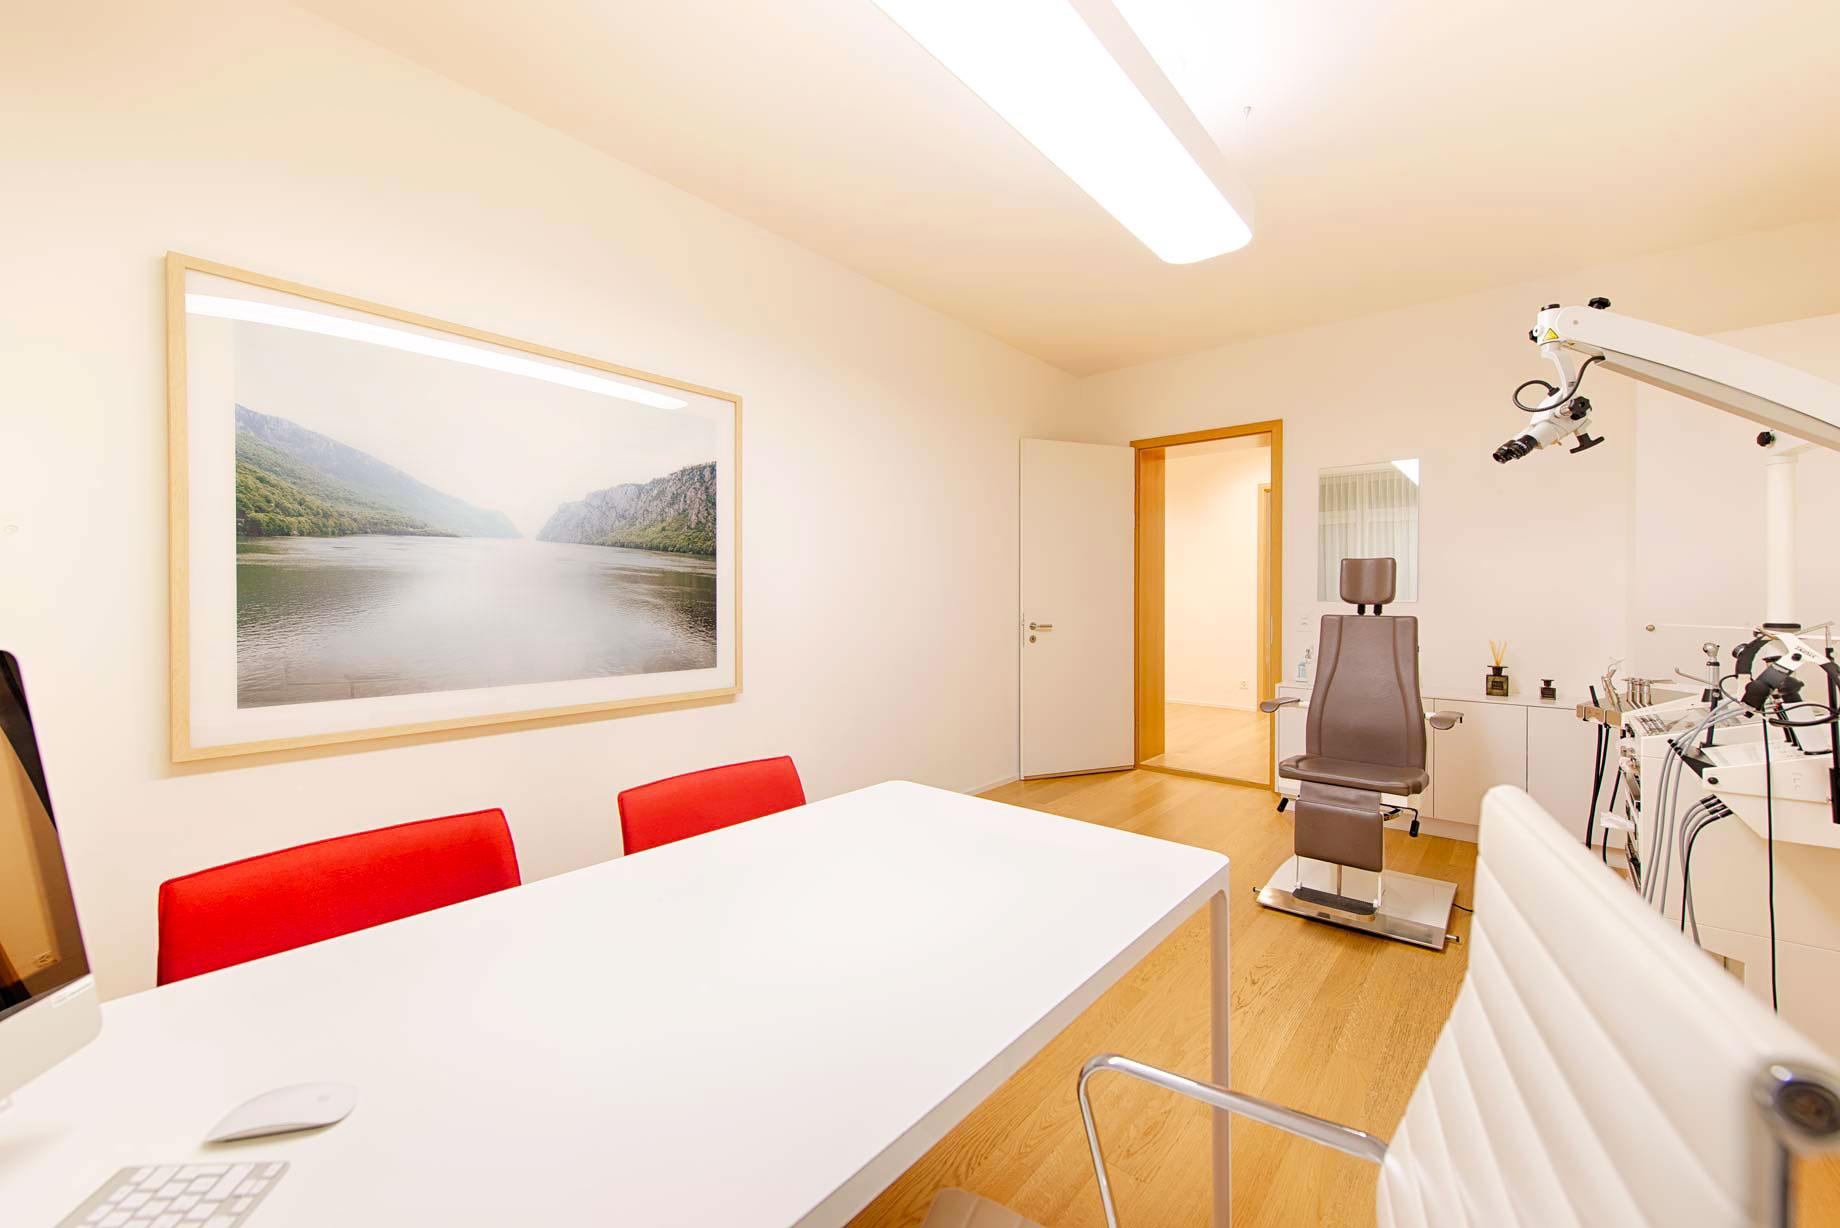 HNO medic Zürich Untersuchungsraum